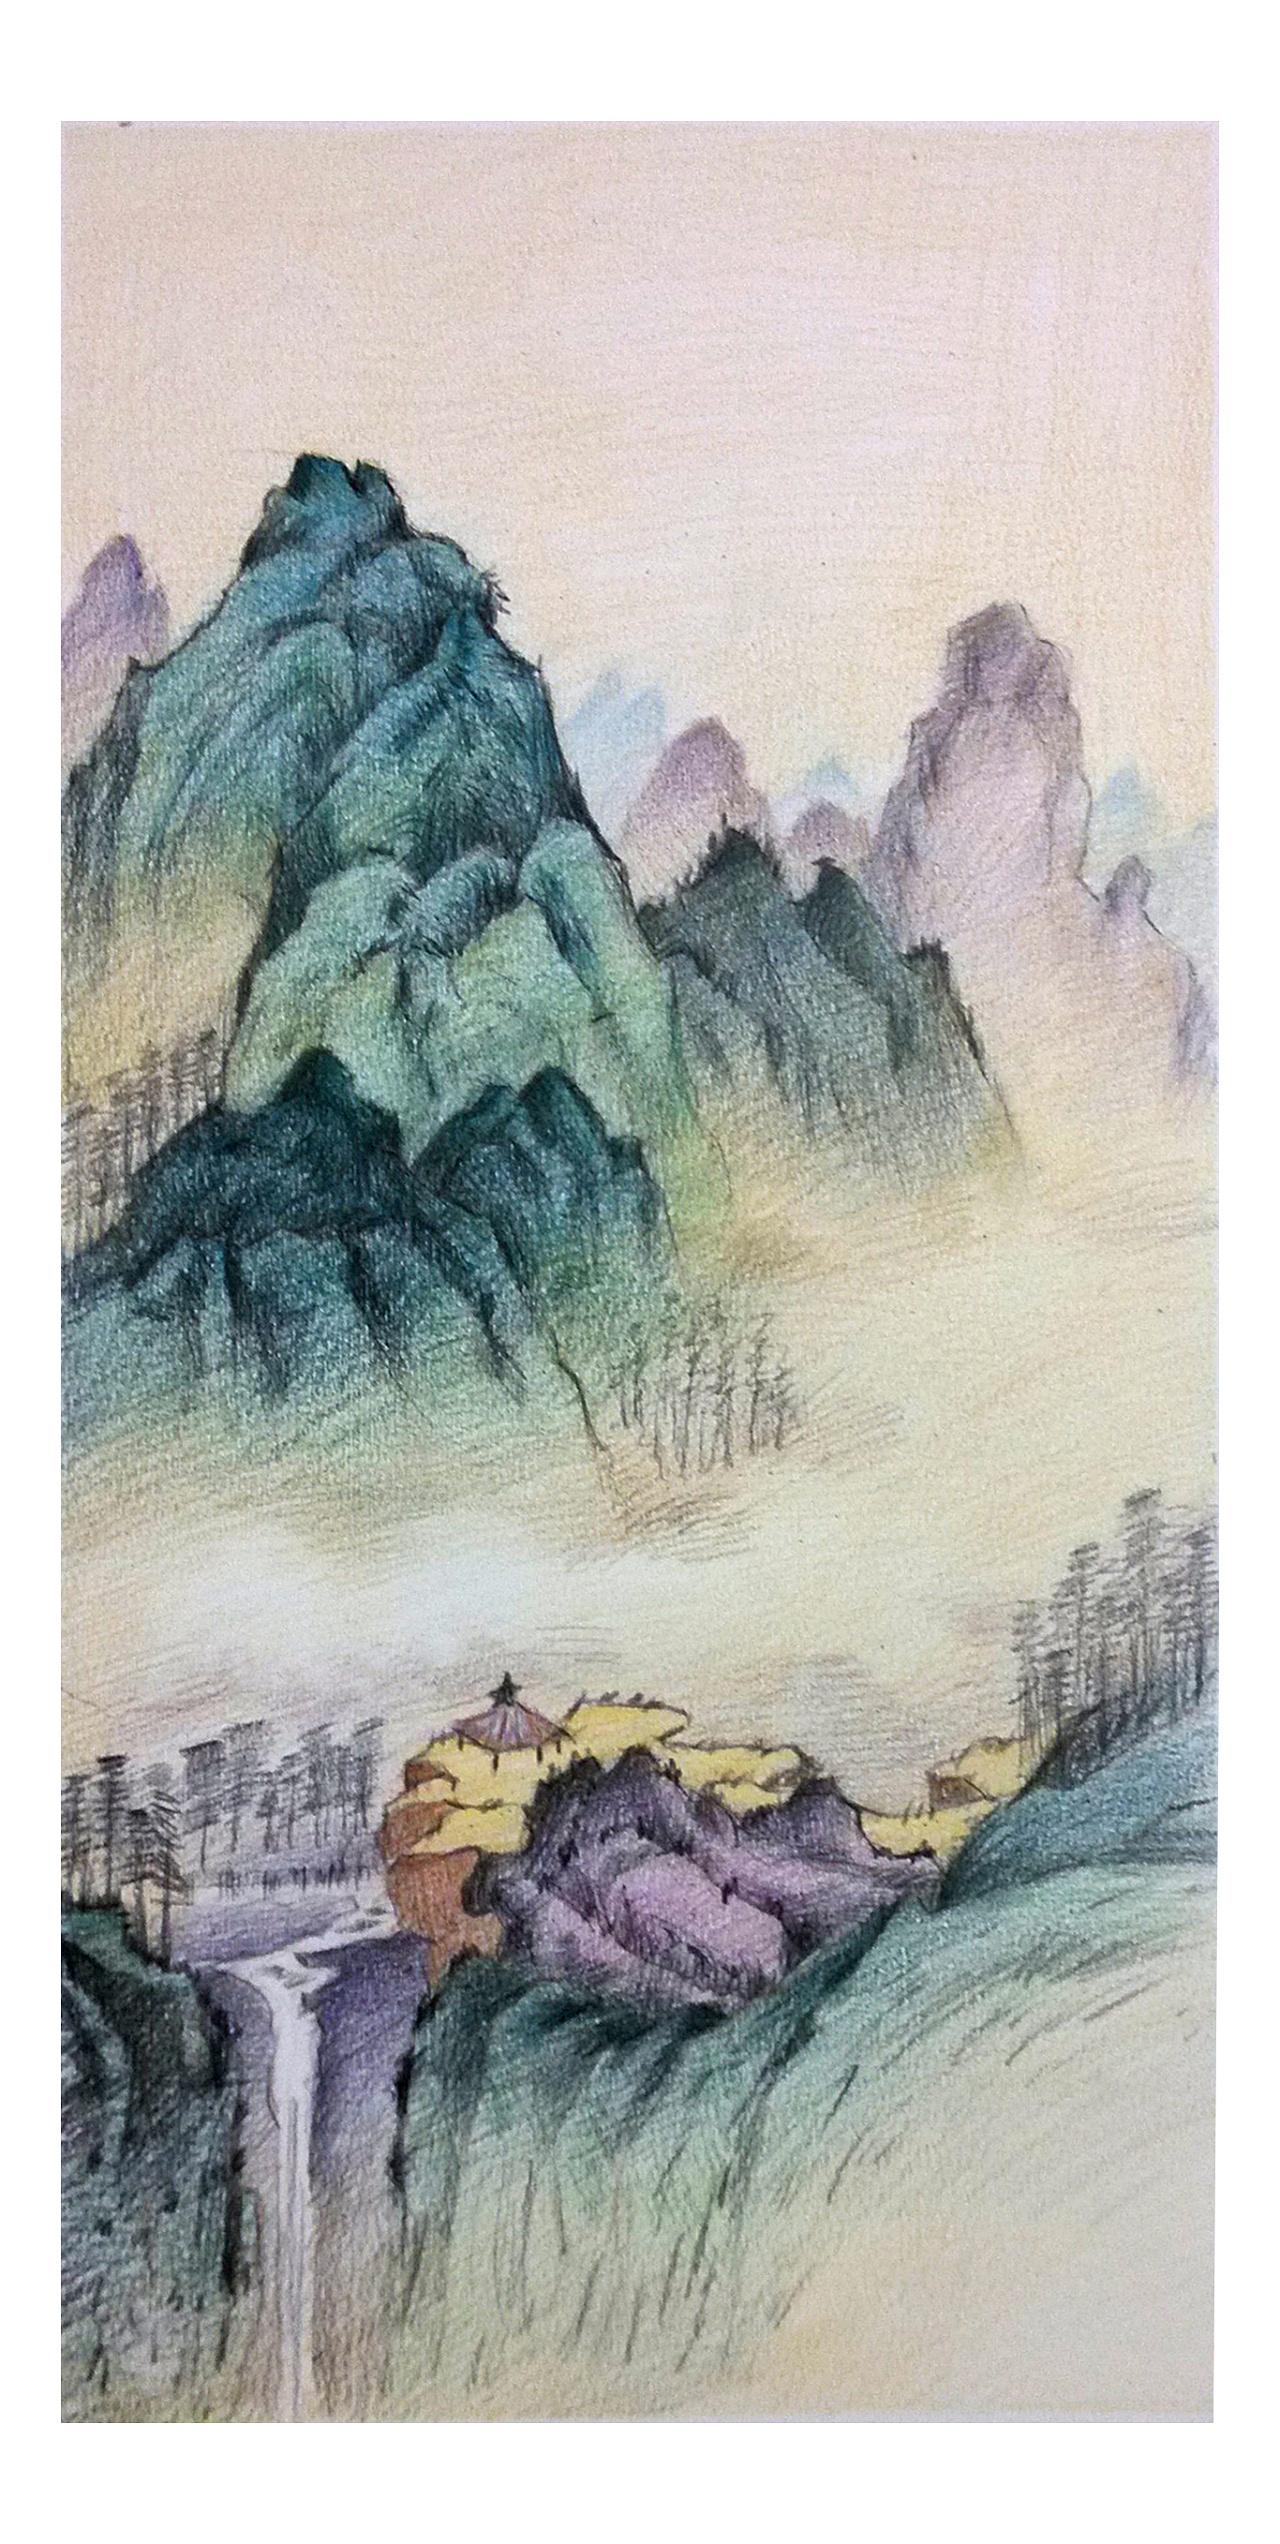 欧洲风景手绘彩铅